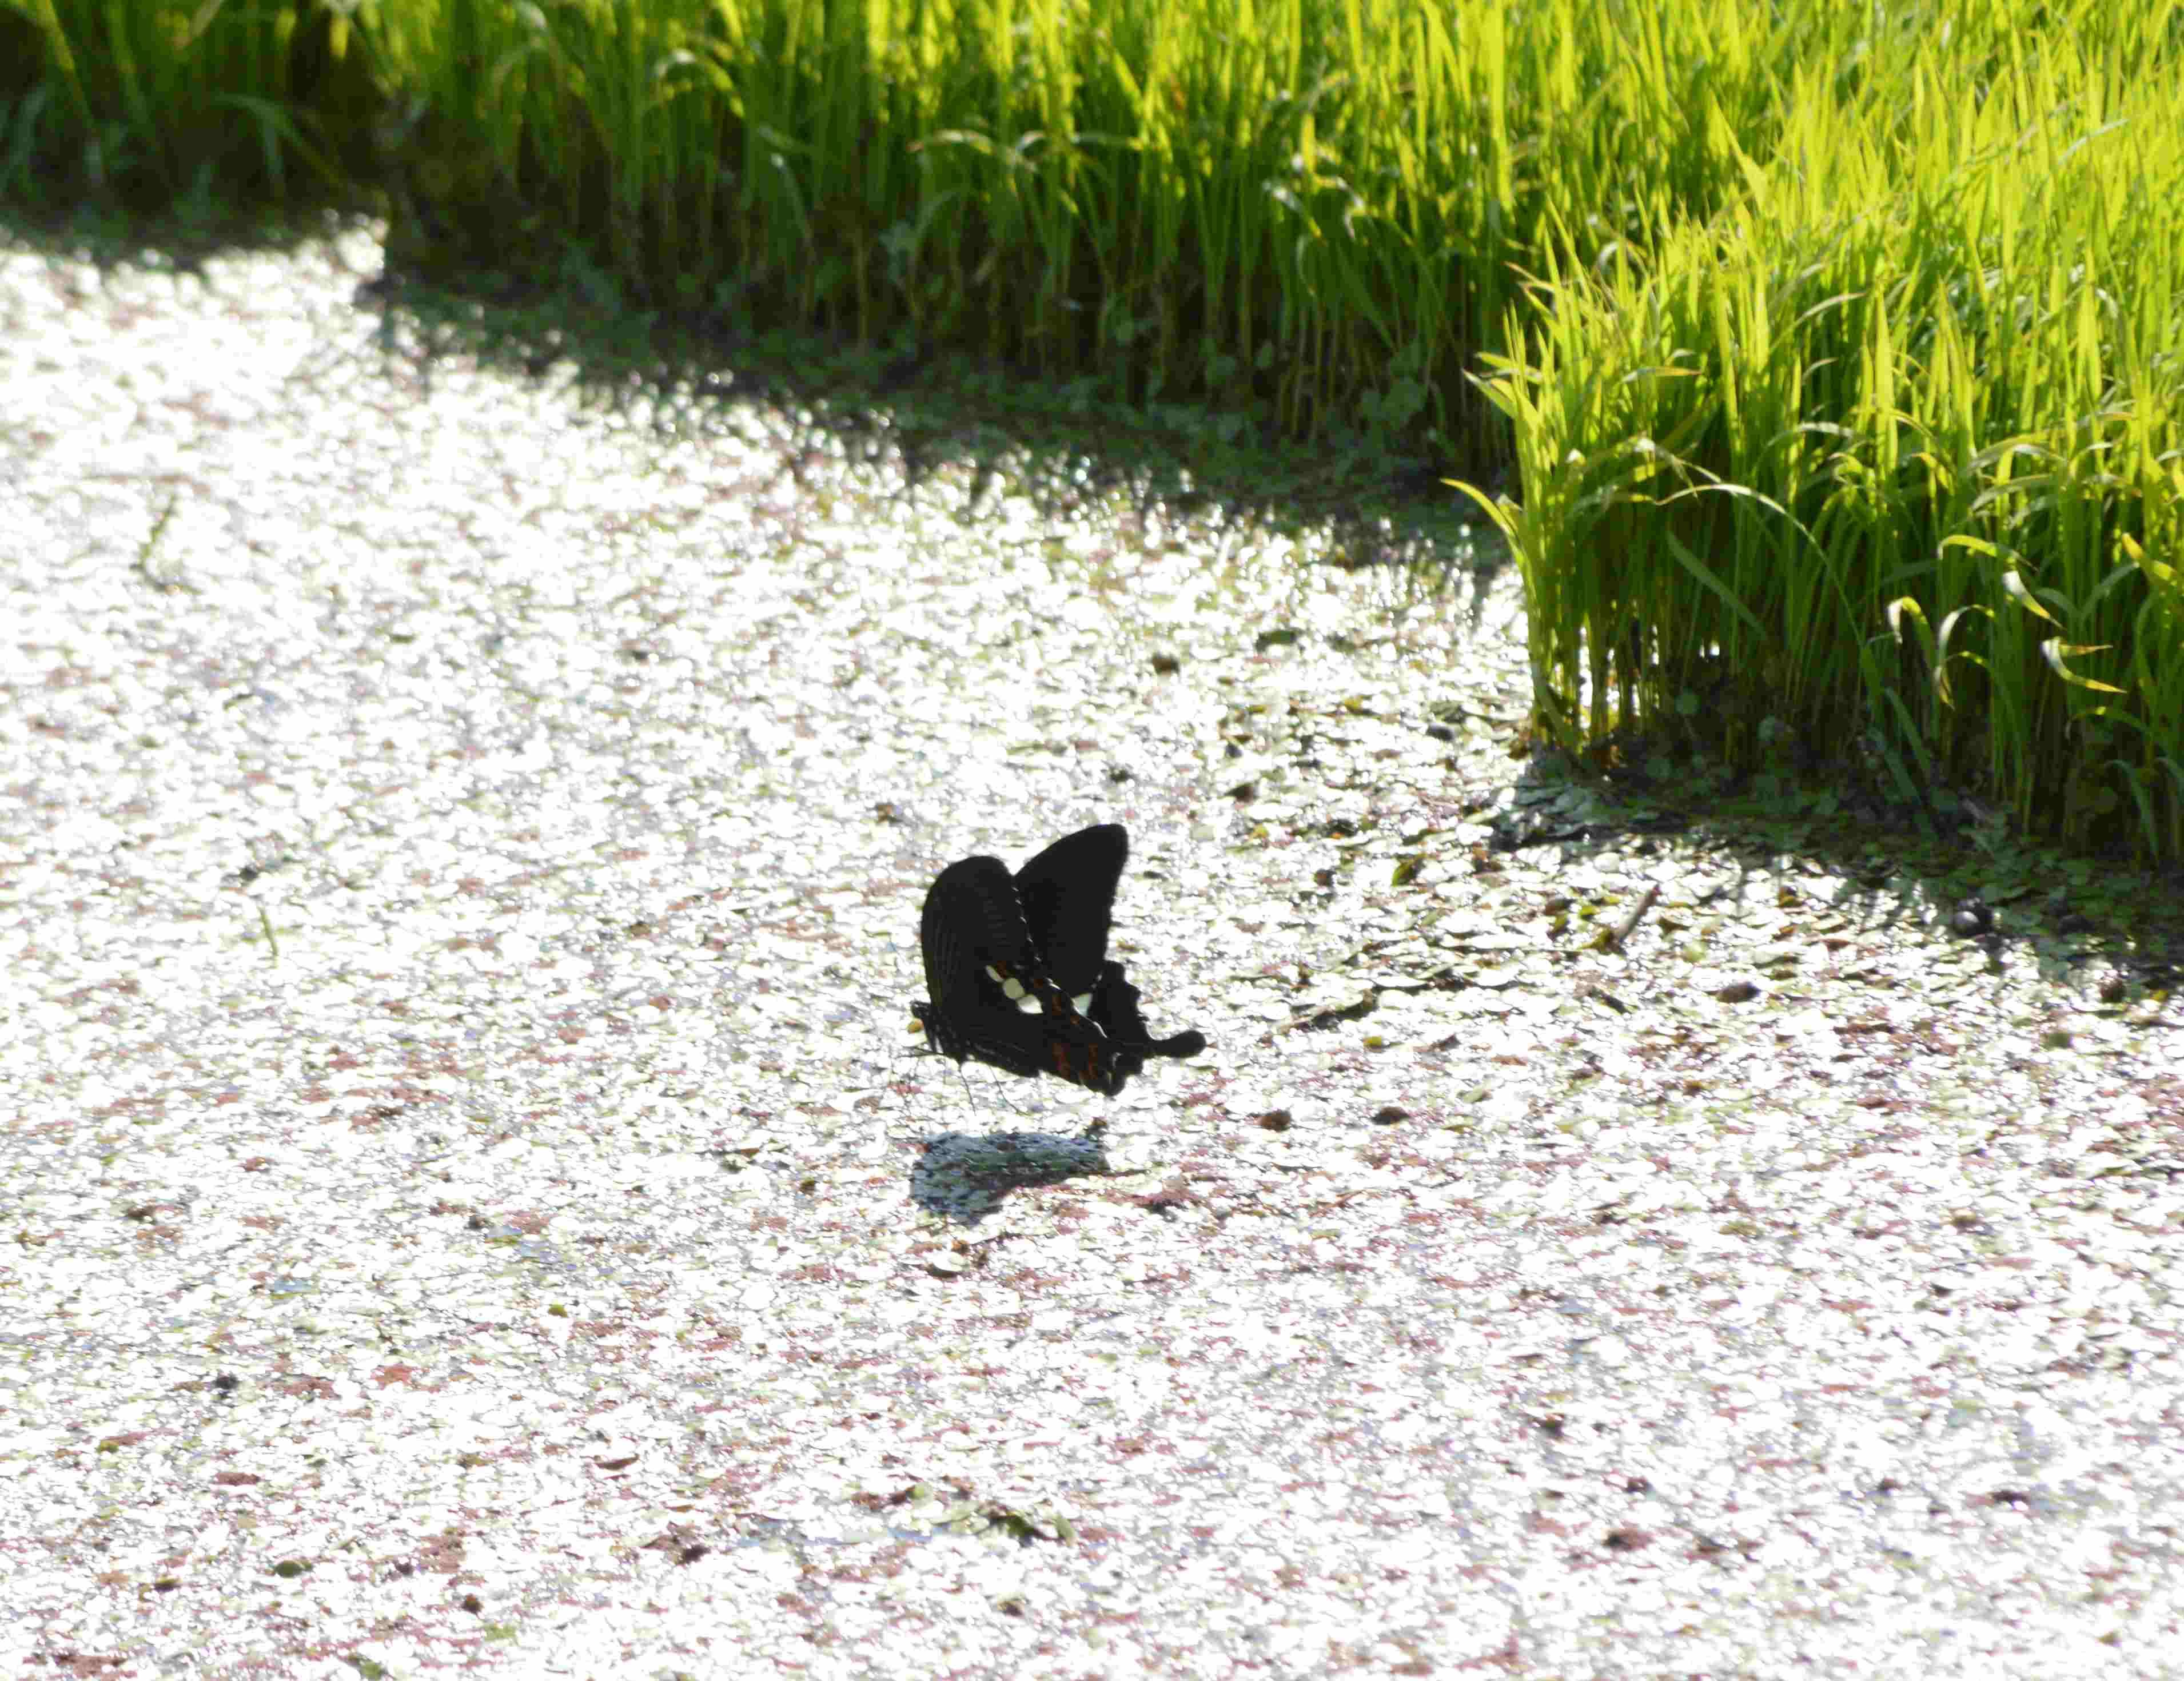 モンキアゲハの吸水 5月13日_d0254540_17385356.jpg